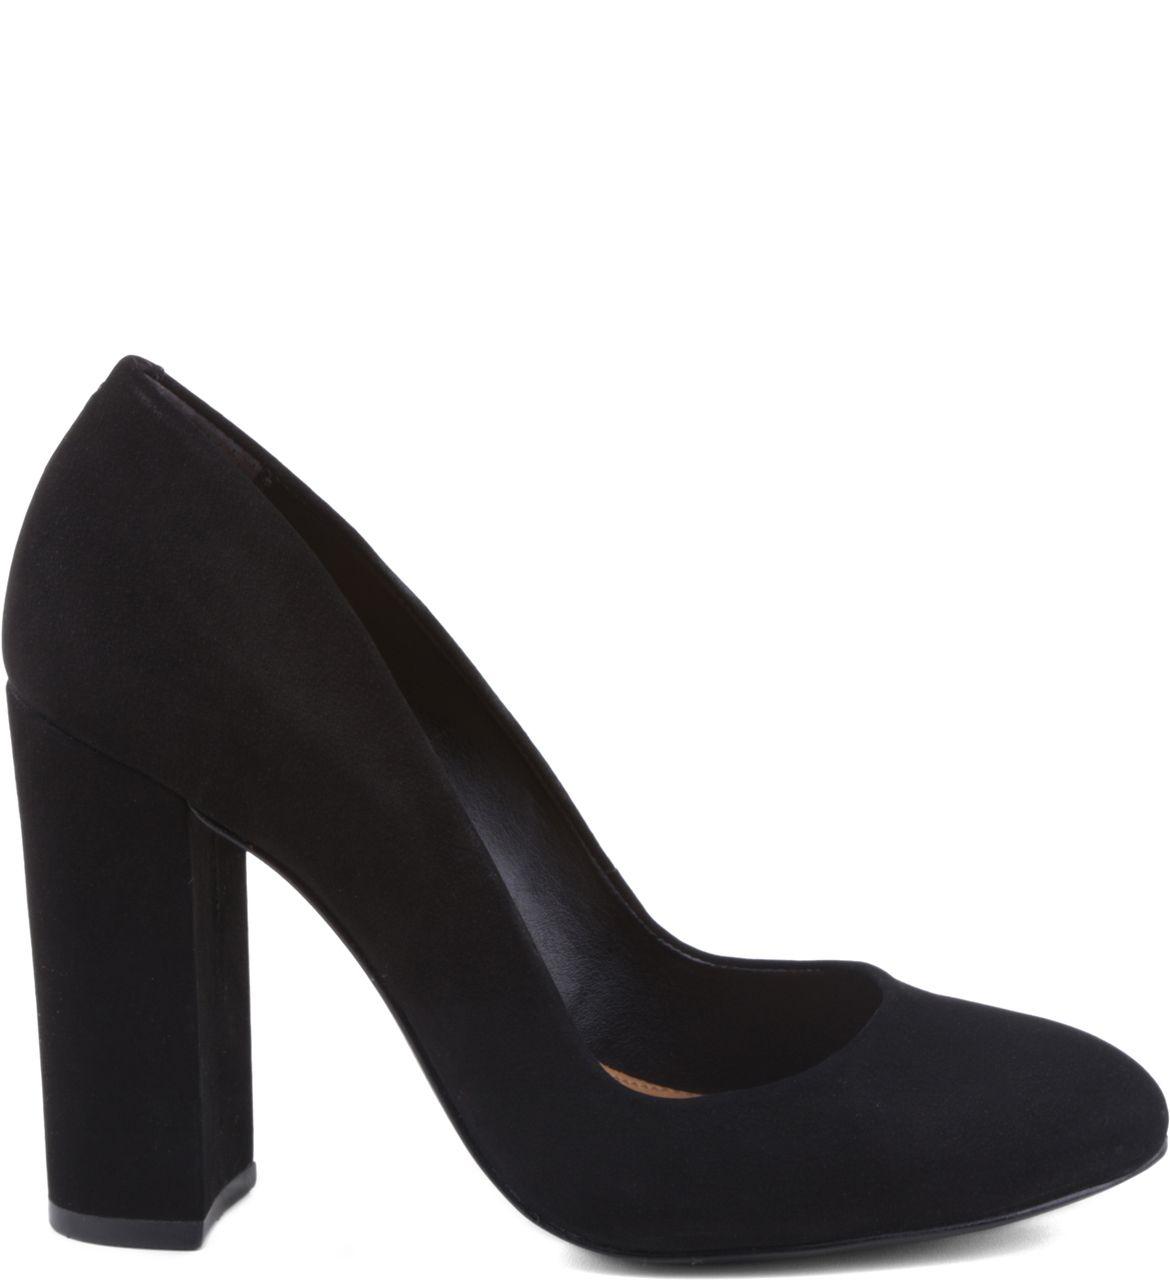 21173aaaa SCARPIN SALTO GROSSO BLACK #WomenShoesFashion | Women Shoes Fashion |  Clarks shoes women, Cheap womens shoes, Shoes